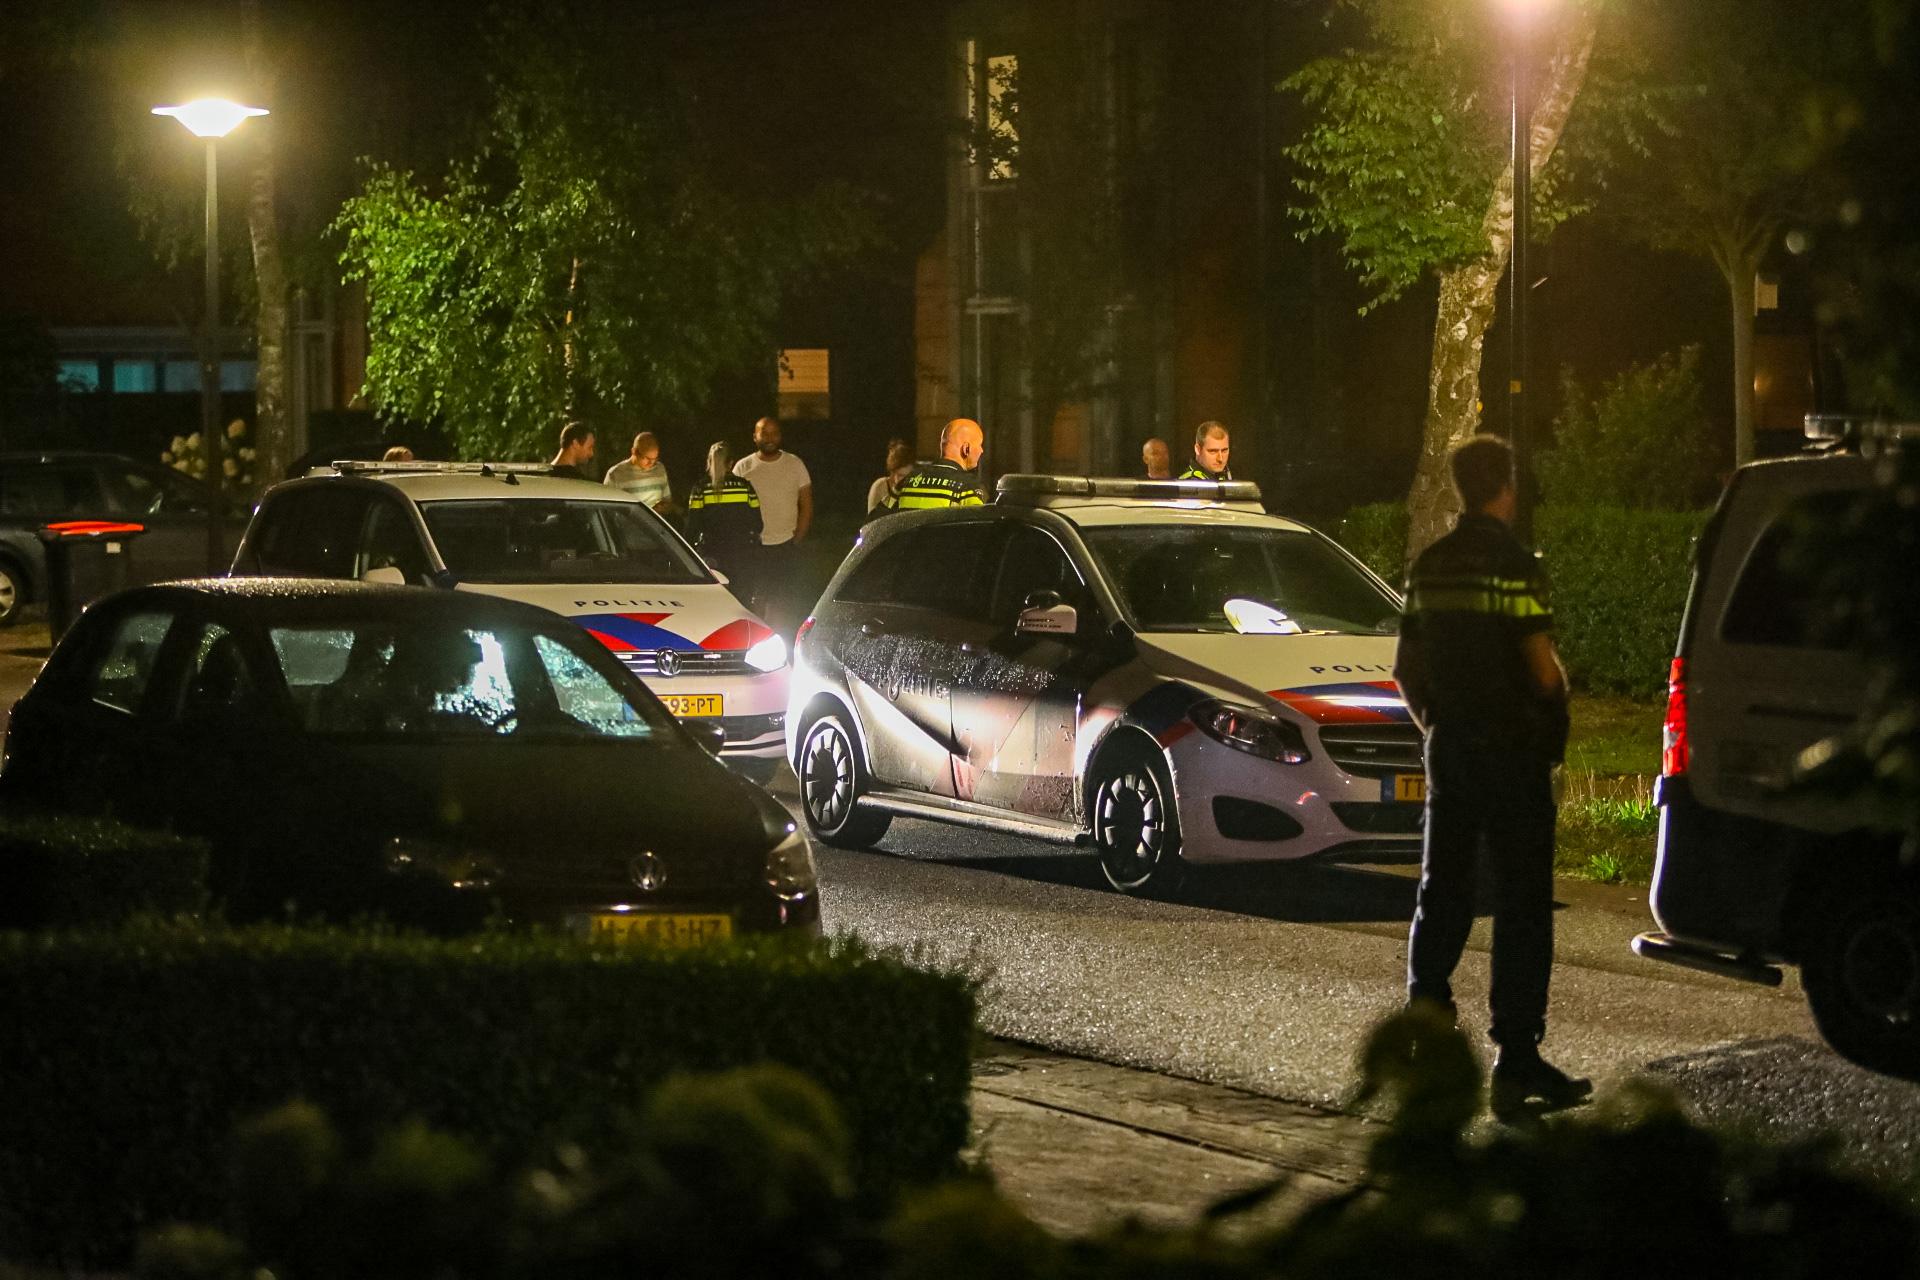 Verwarde man uit woning gehaald door politie